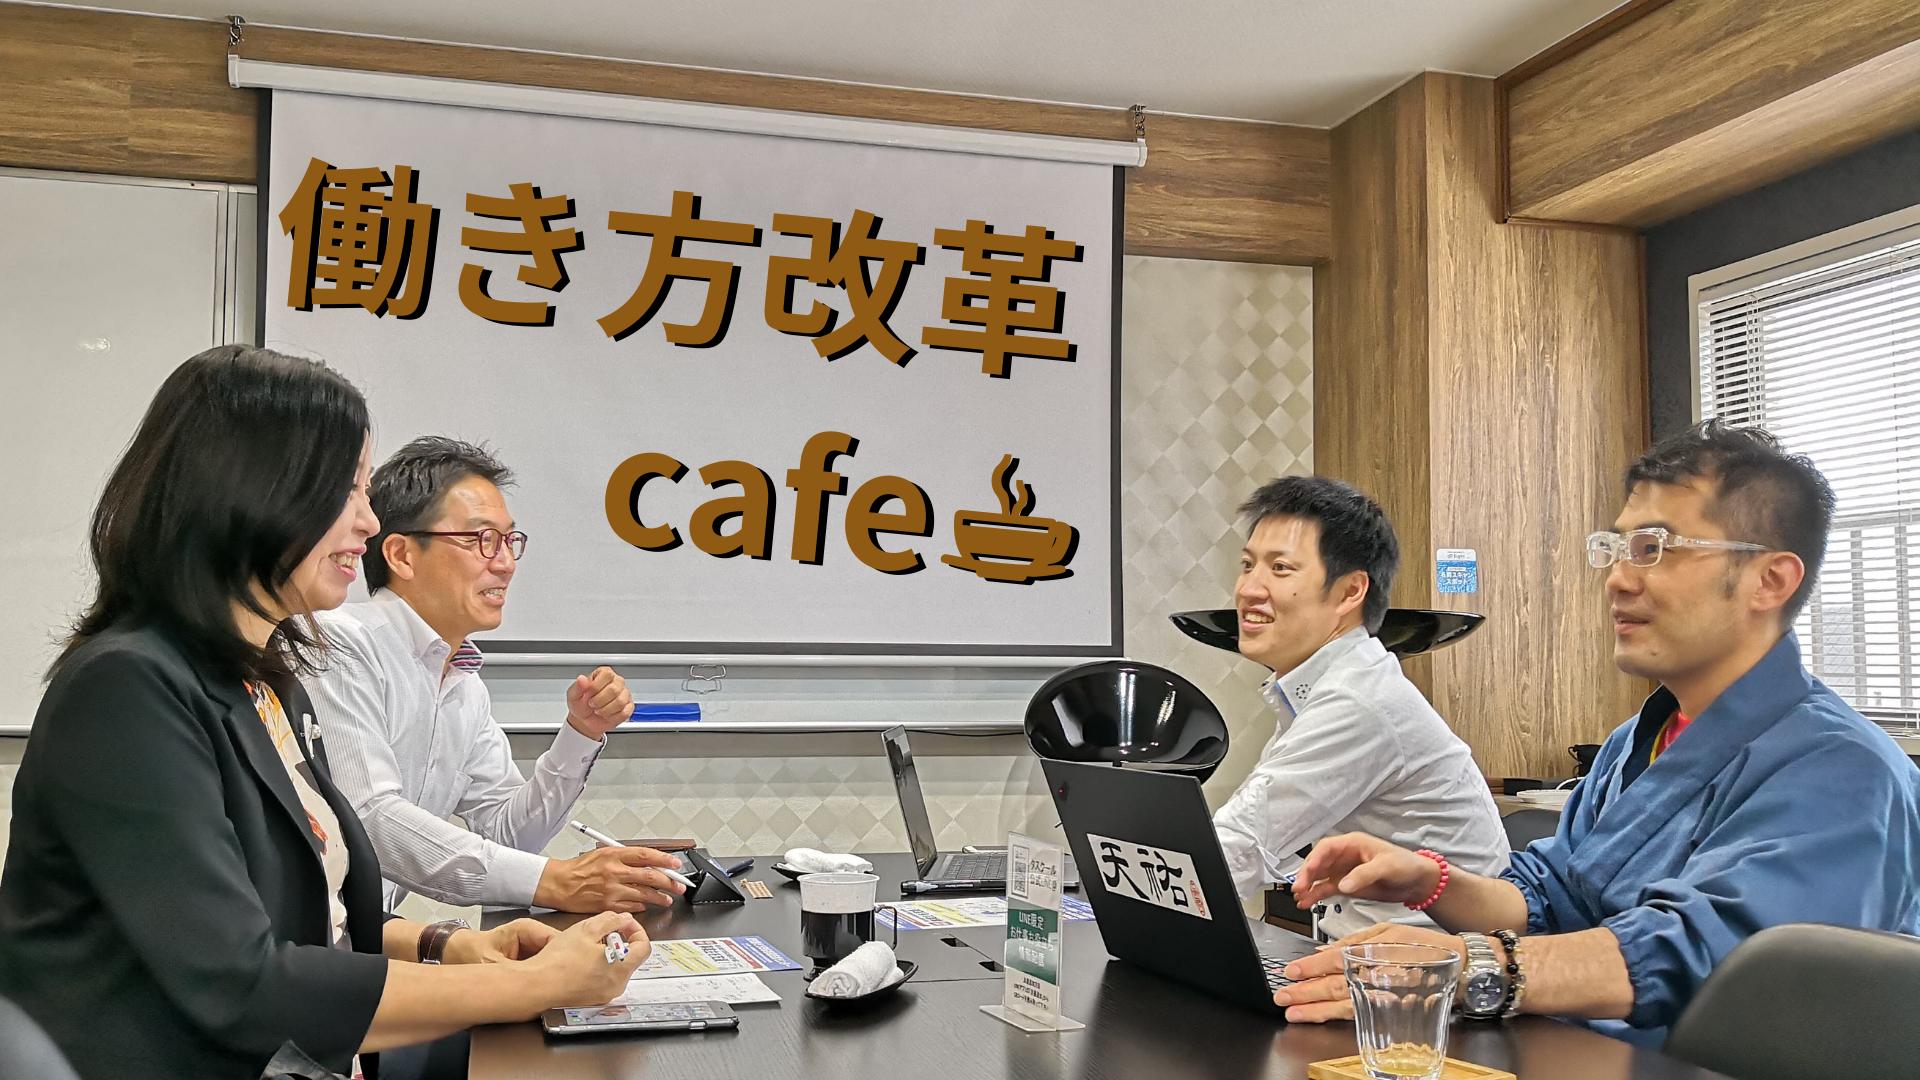 働き方改革cafe